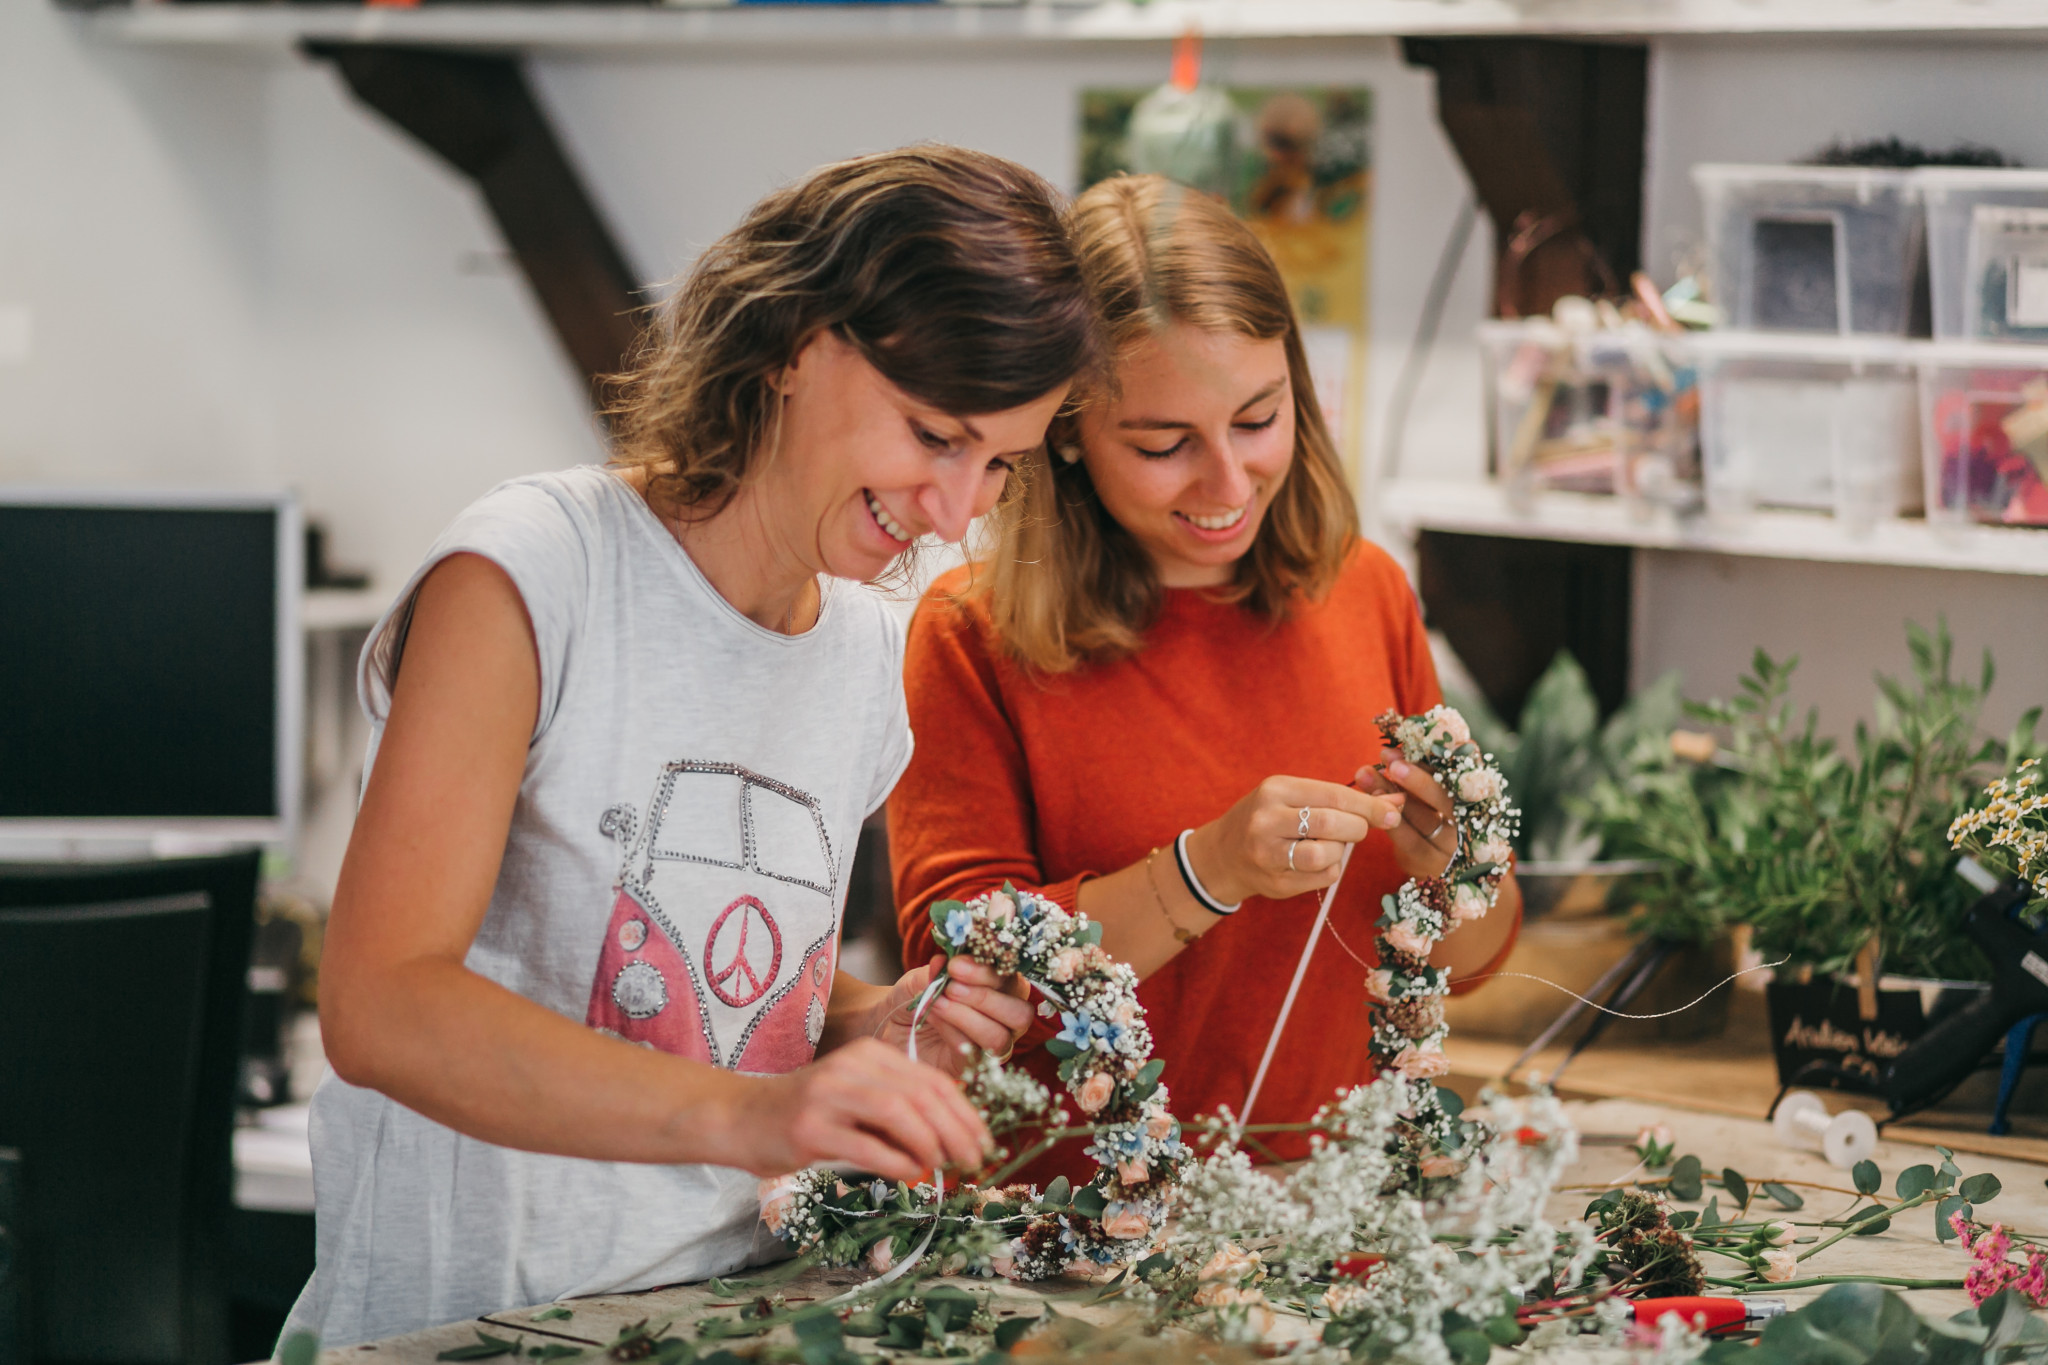 Blumenkranz-Workshop mit Anneschd & Naturkunst Lorsch